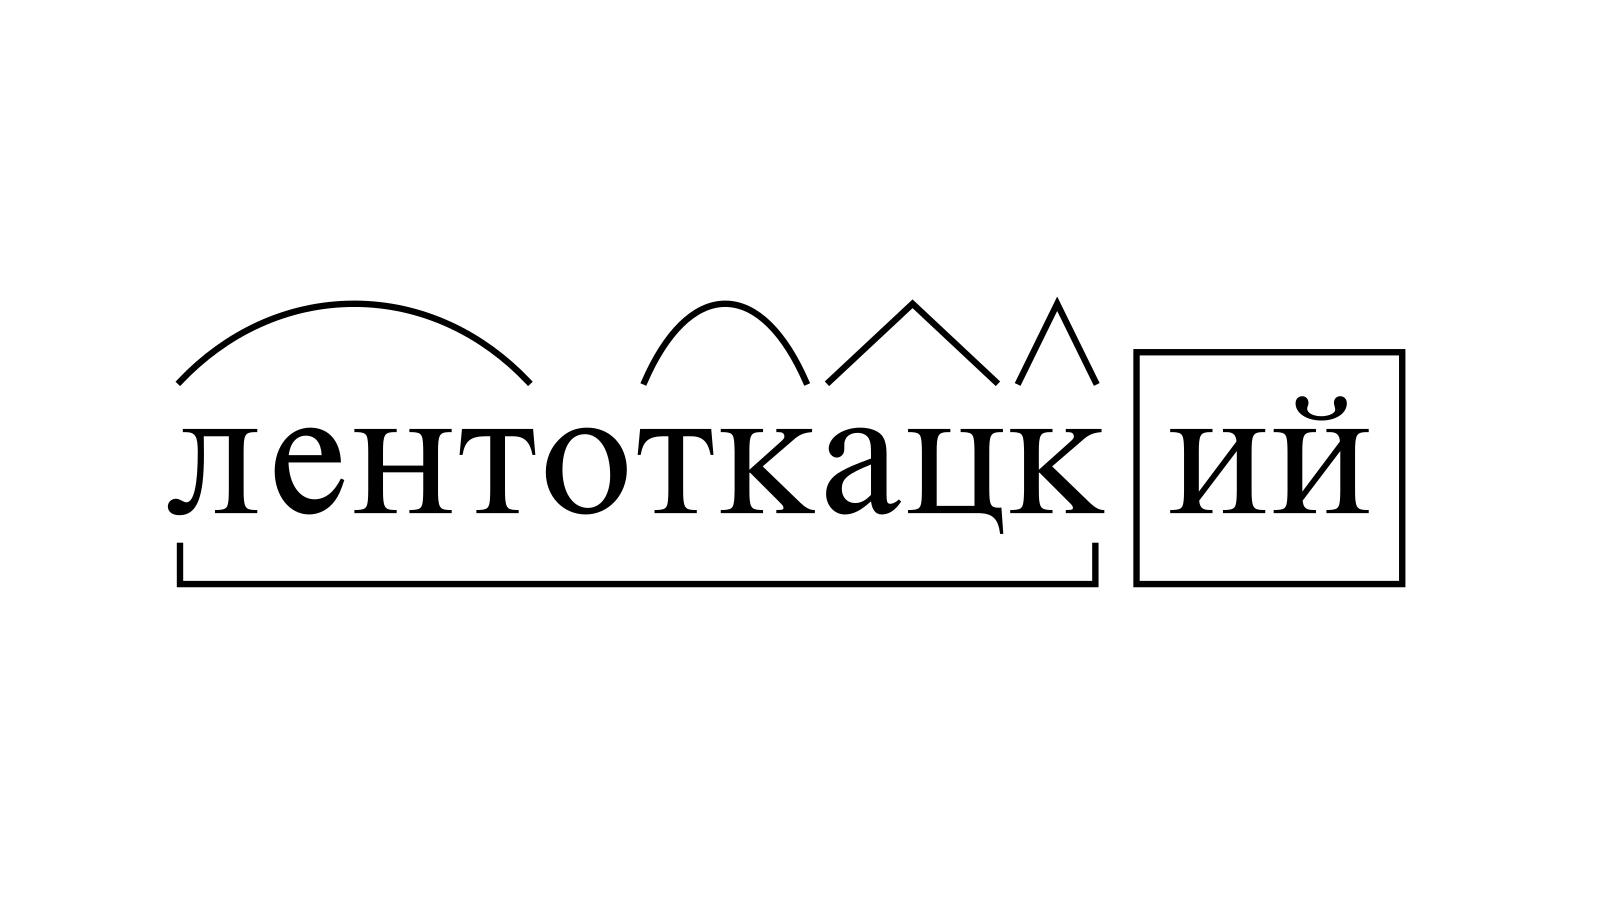 Разбор слова «лентоткацкий» по составу